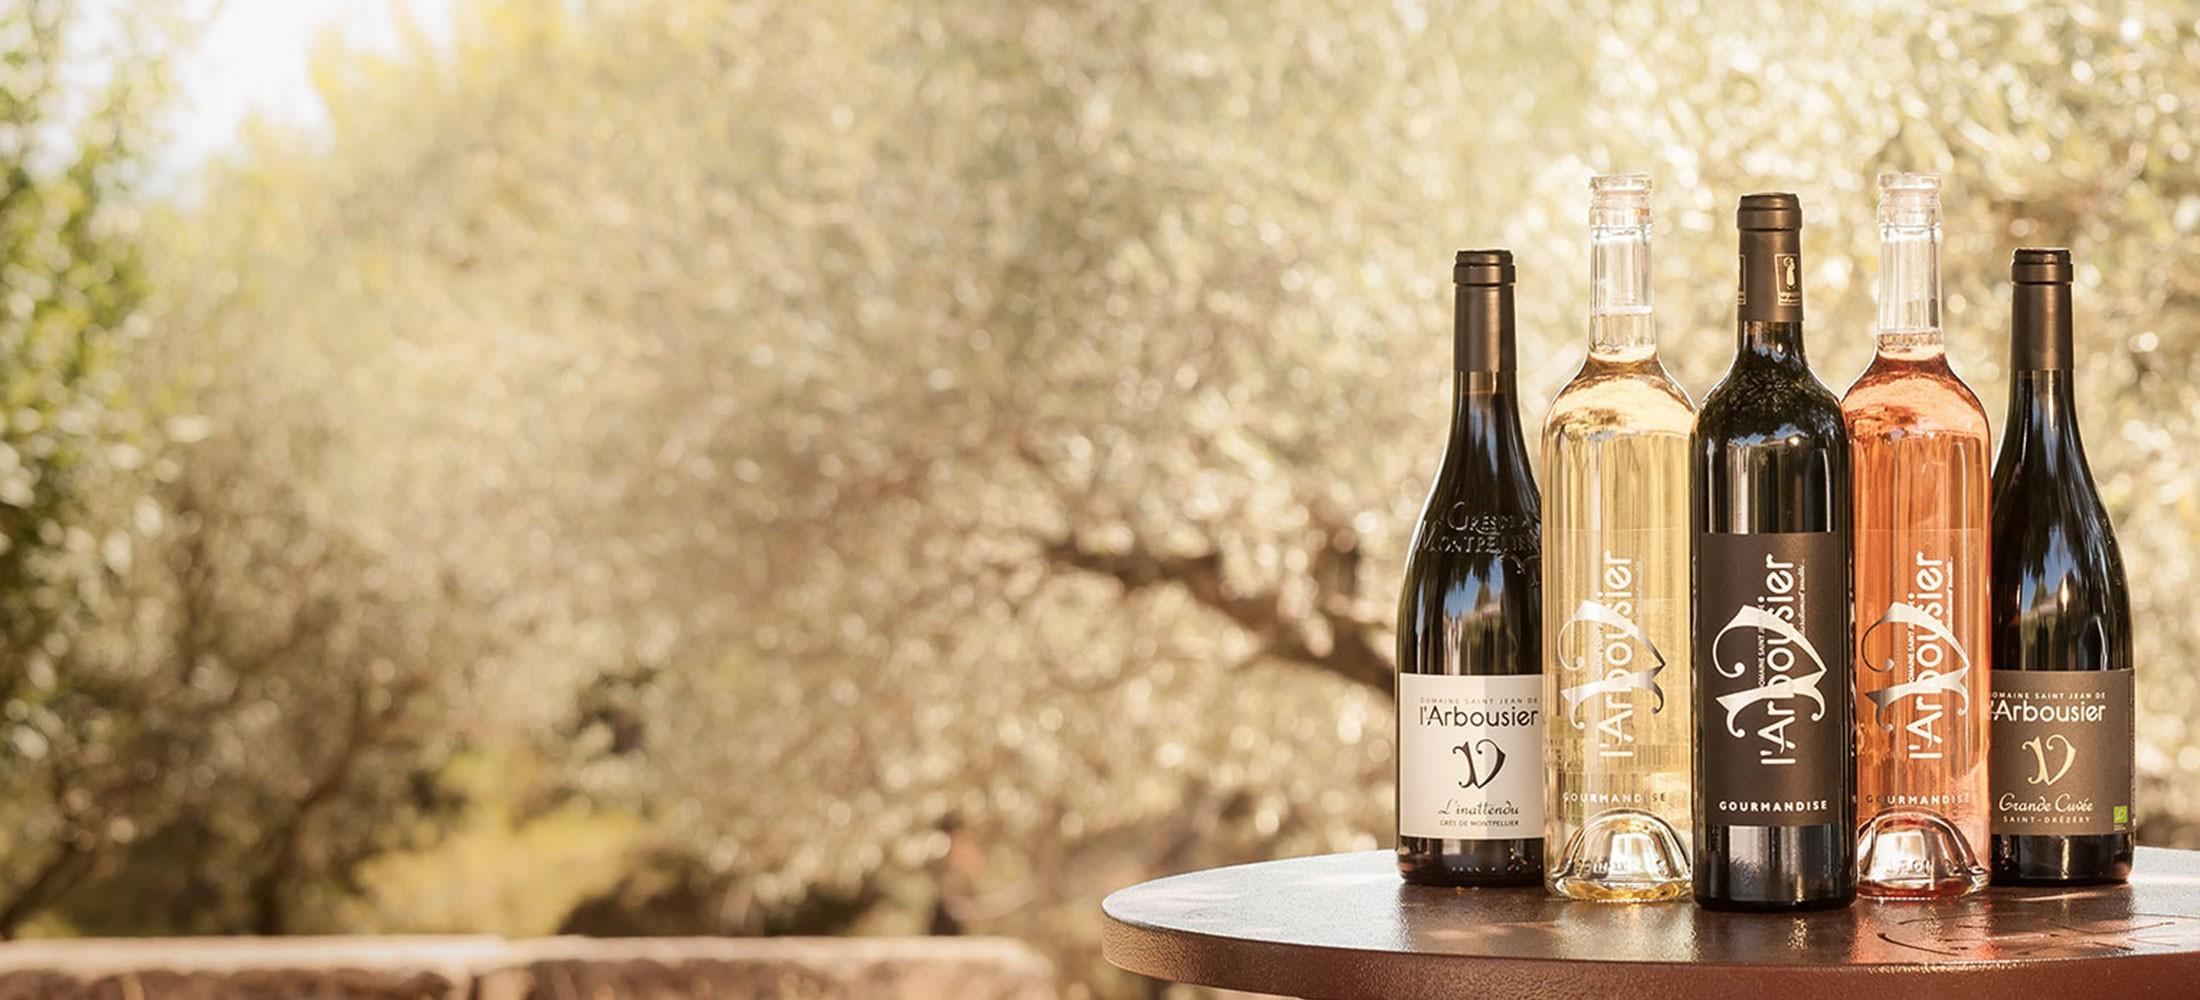 Photo - coffret - bouteilles vins biologiques - blanc rouge rosé - Domaine Saint Jean de l'Arbousier Montpellier